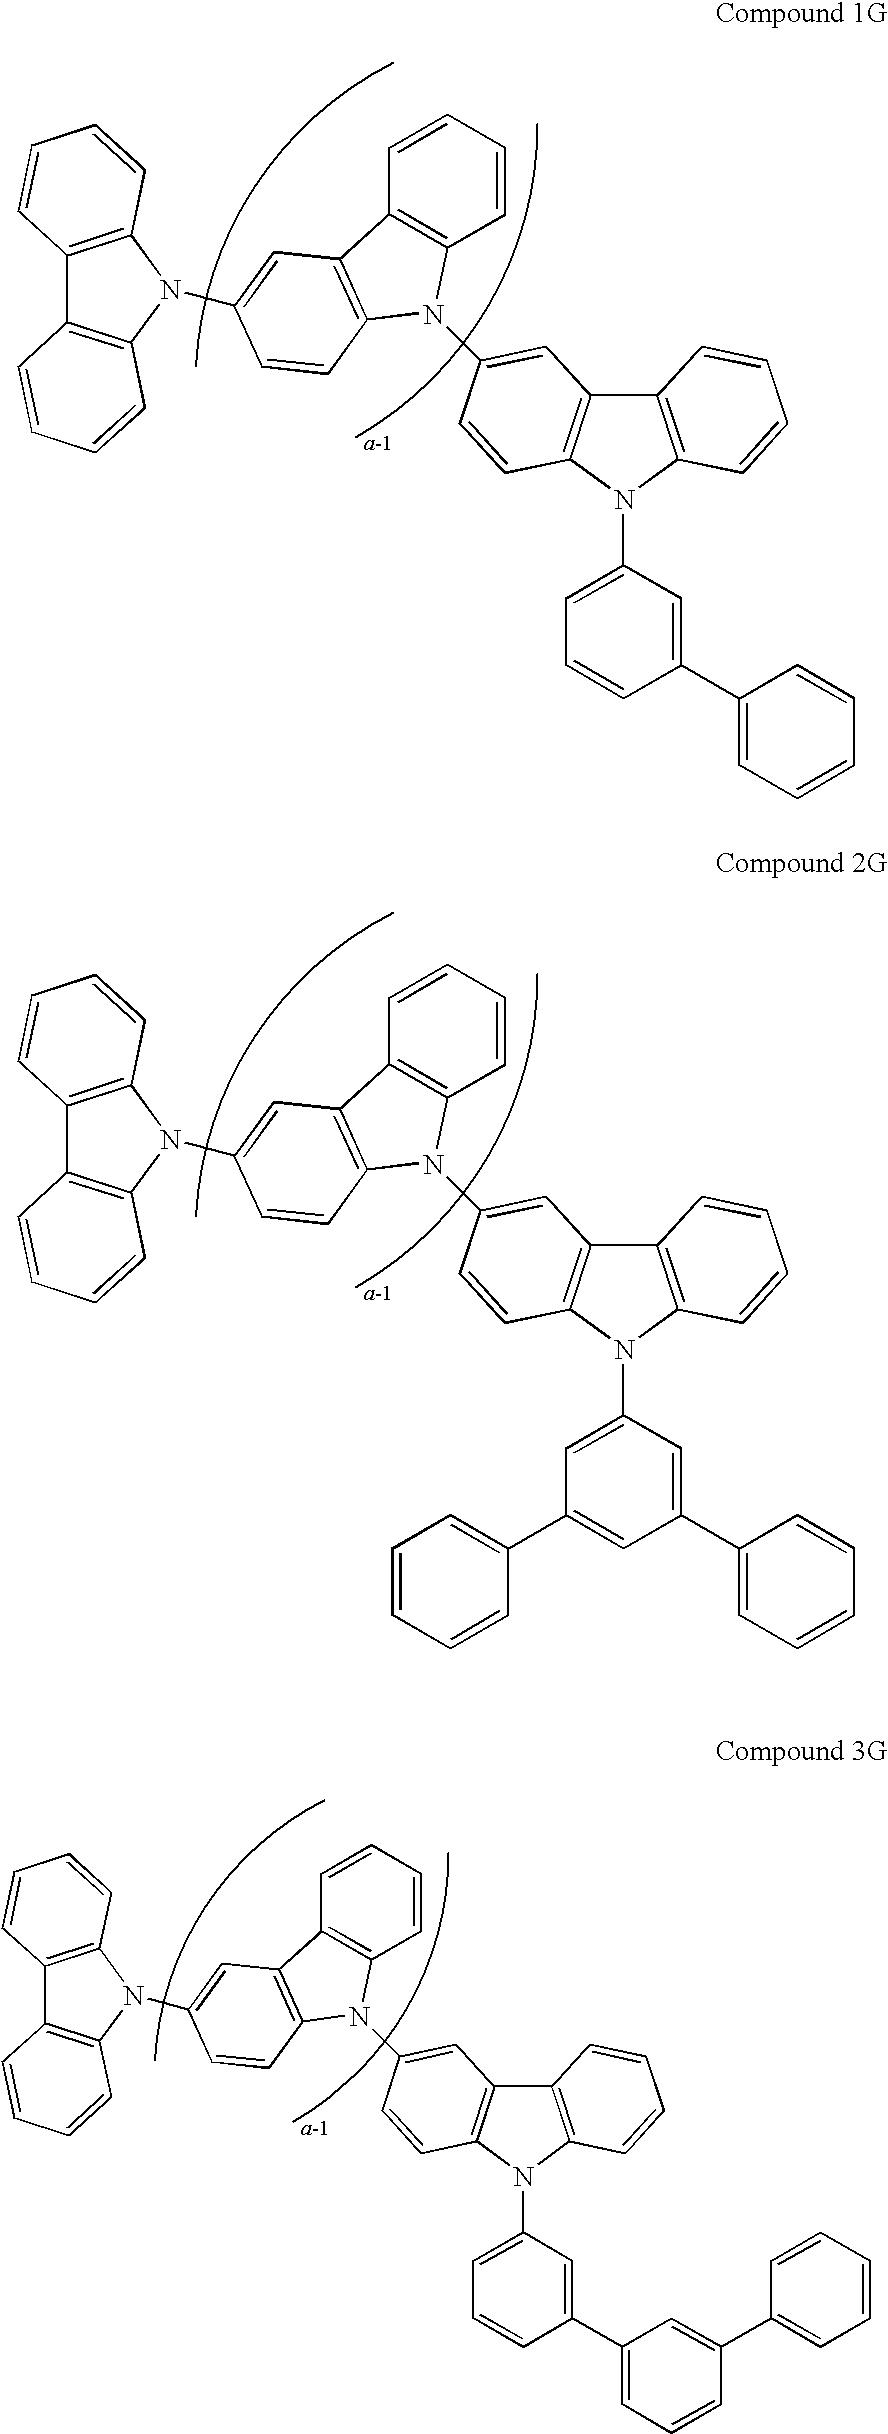 Figure US20090134784A1-20090528-C00144